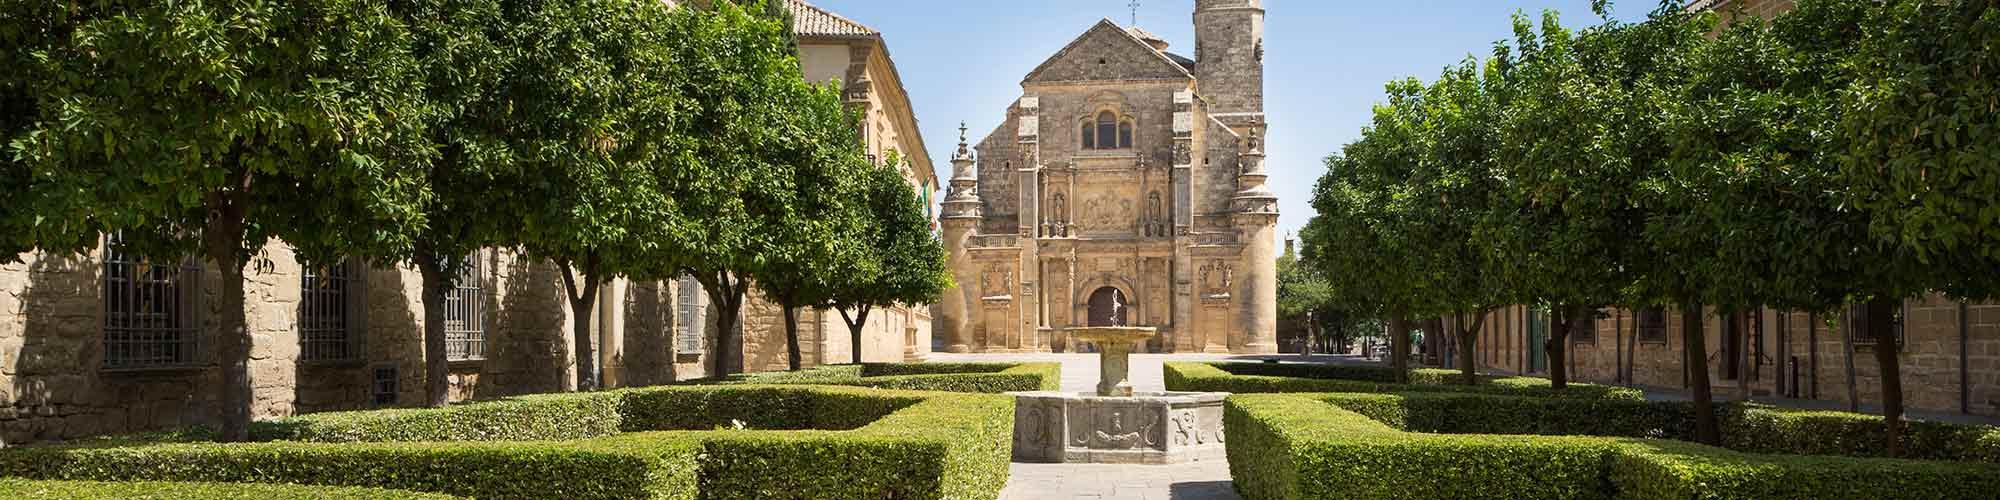 Olivos y Castillos  - EL PAIS Viajes